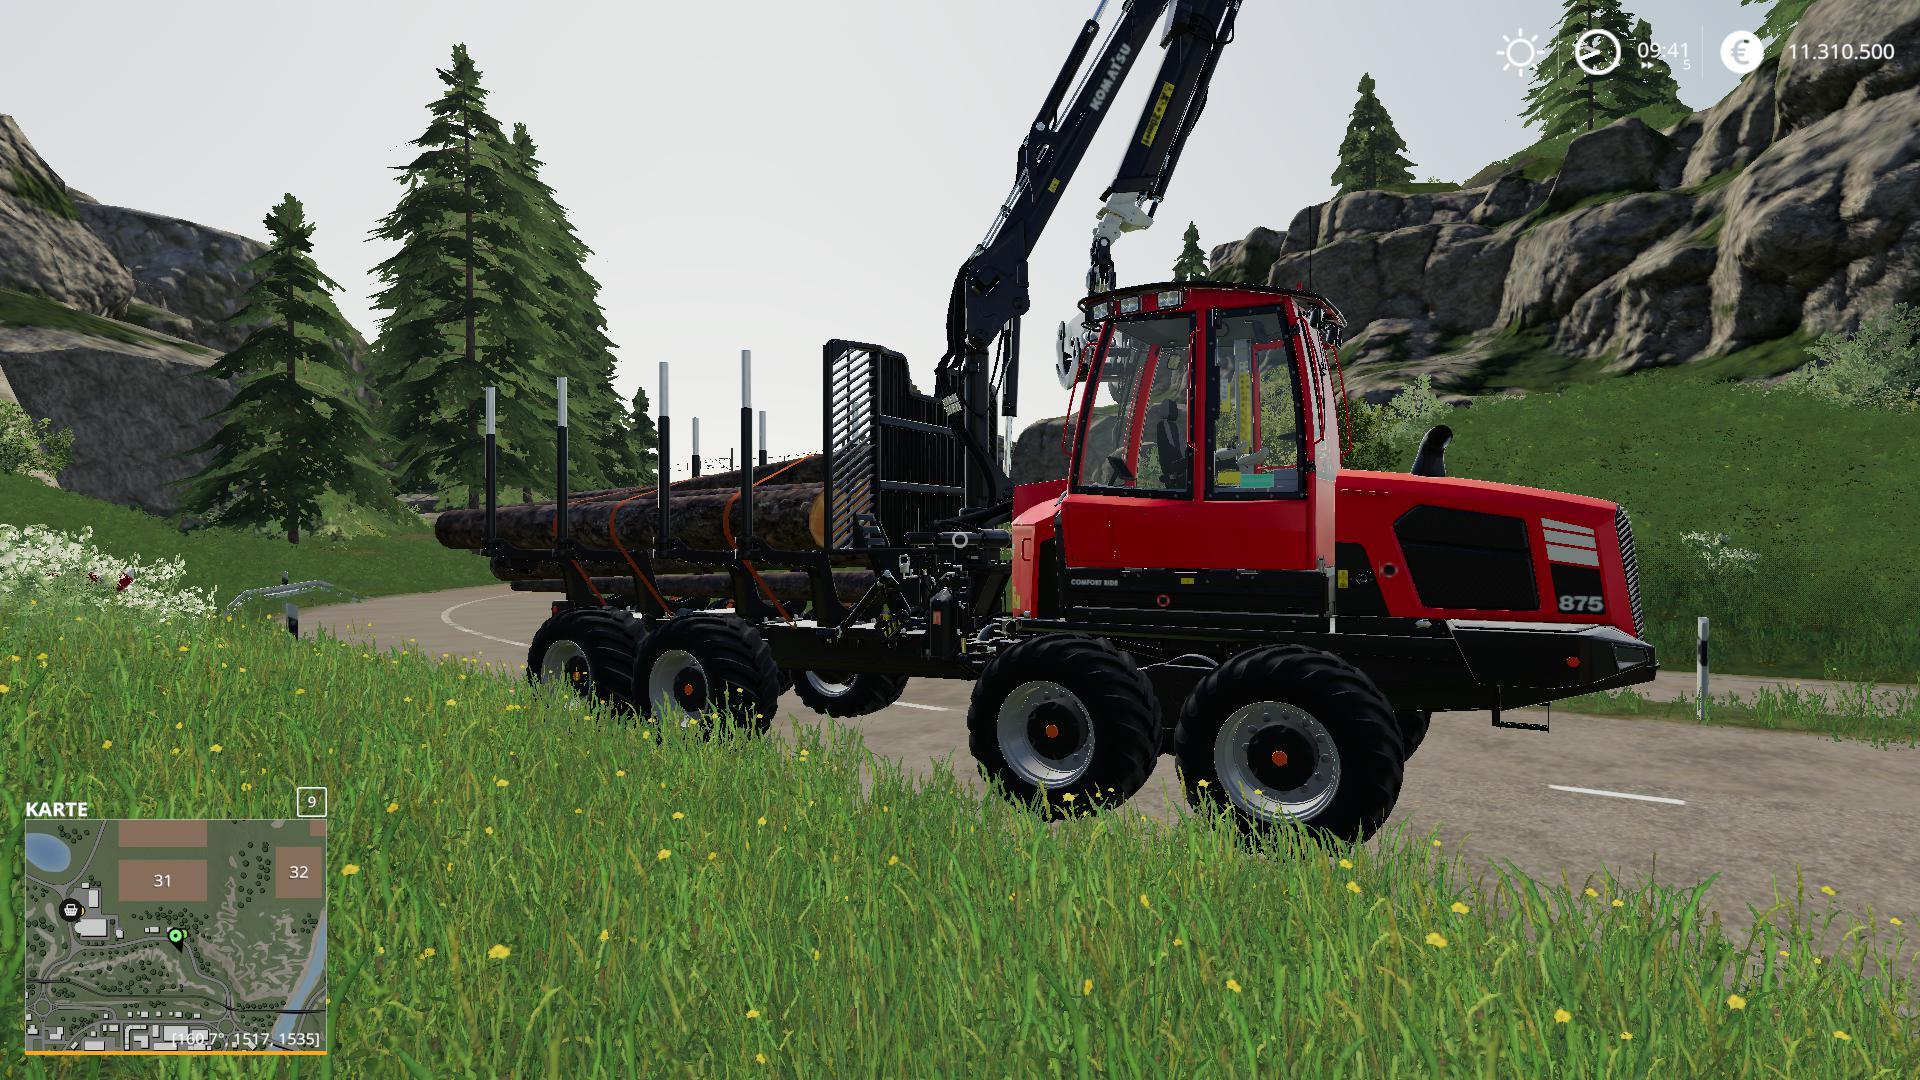 Gta 4 Stevie Autos Karte.Komatsu 875 Autoload V2 0 Fs19 Farming Simulator 19 Mod